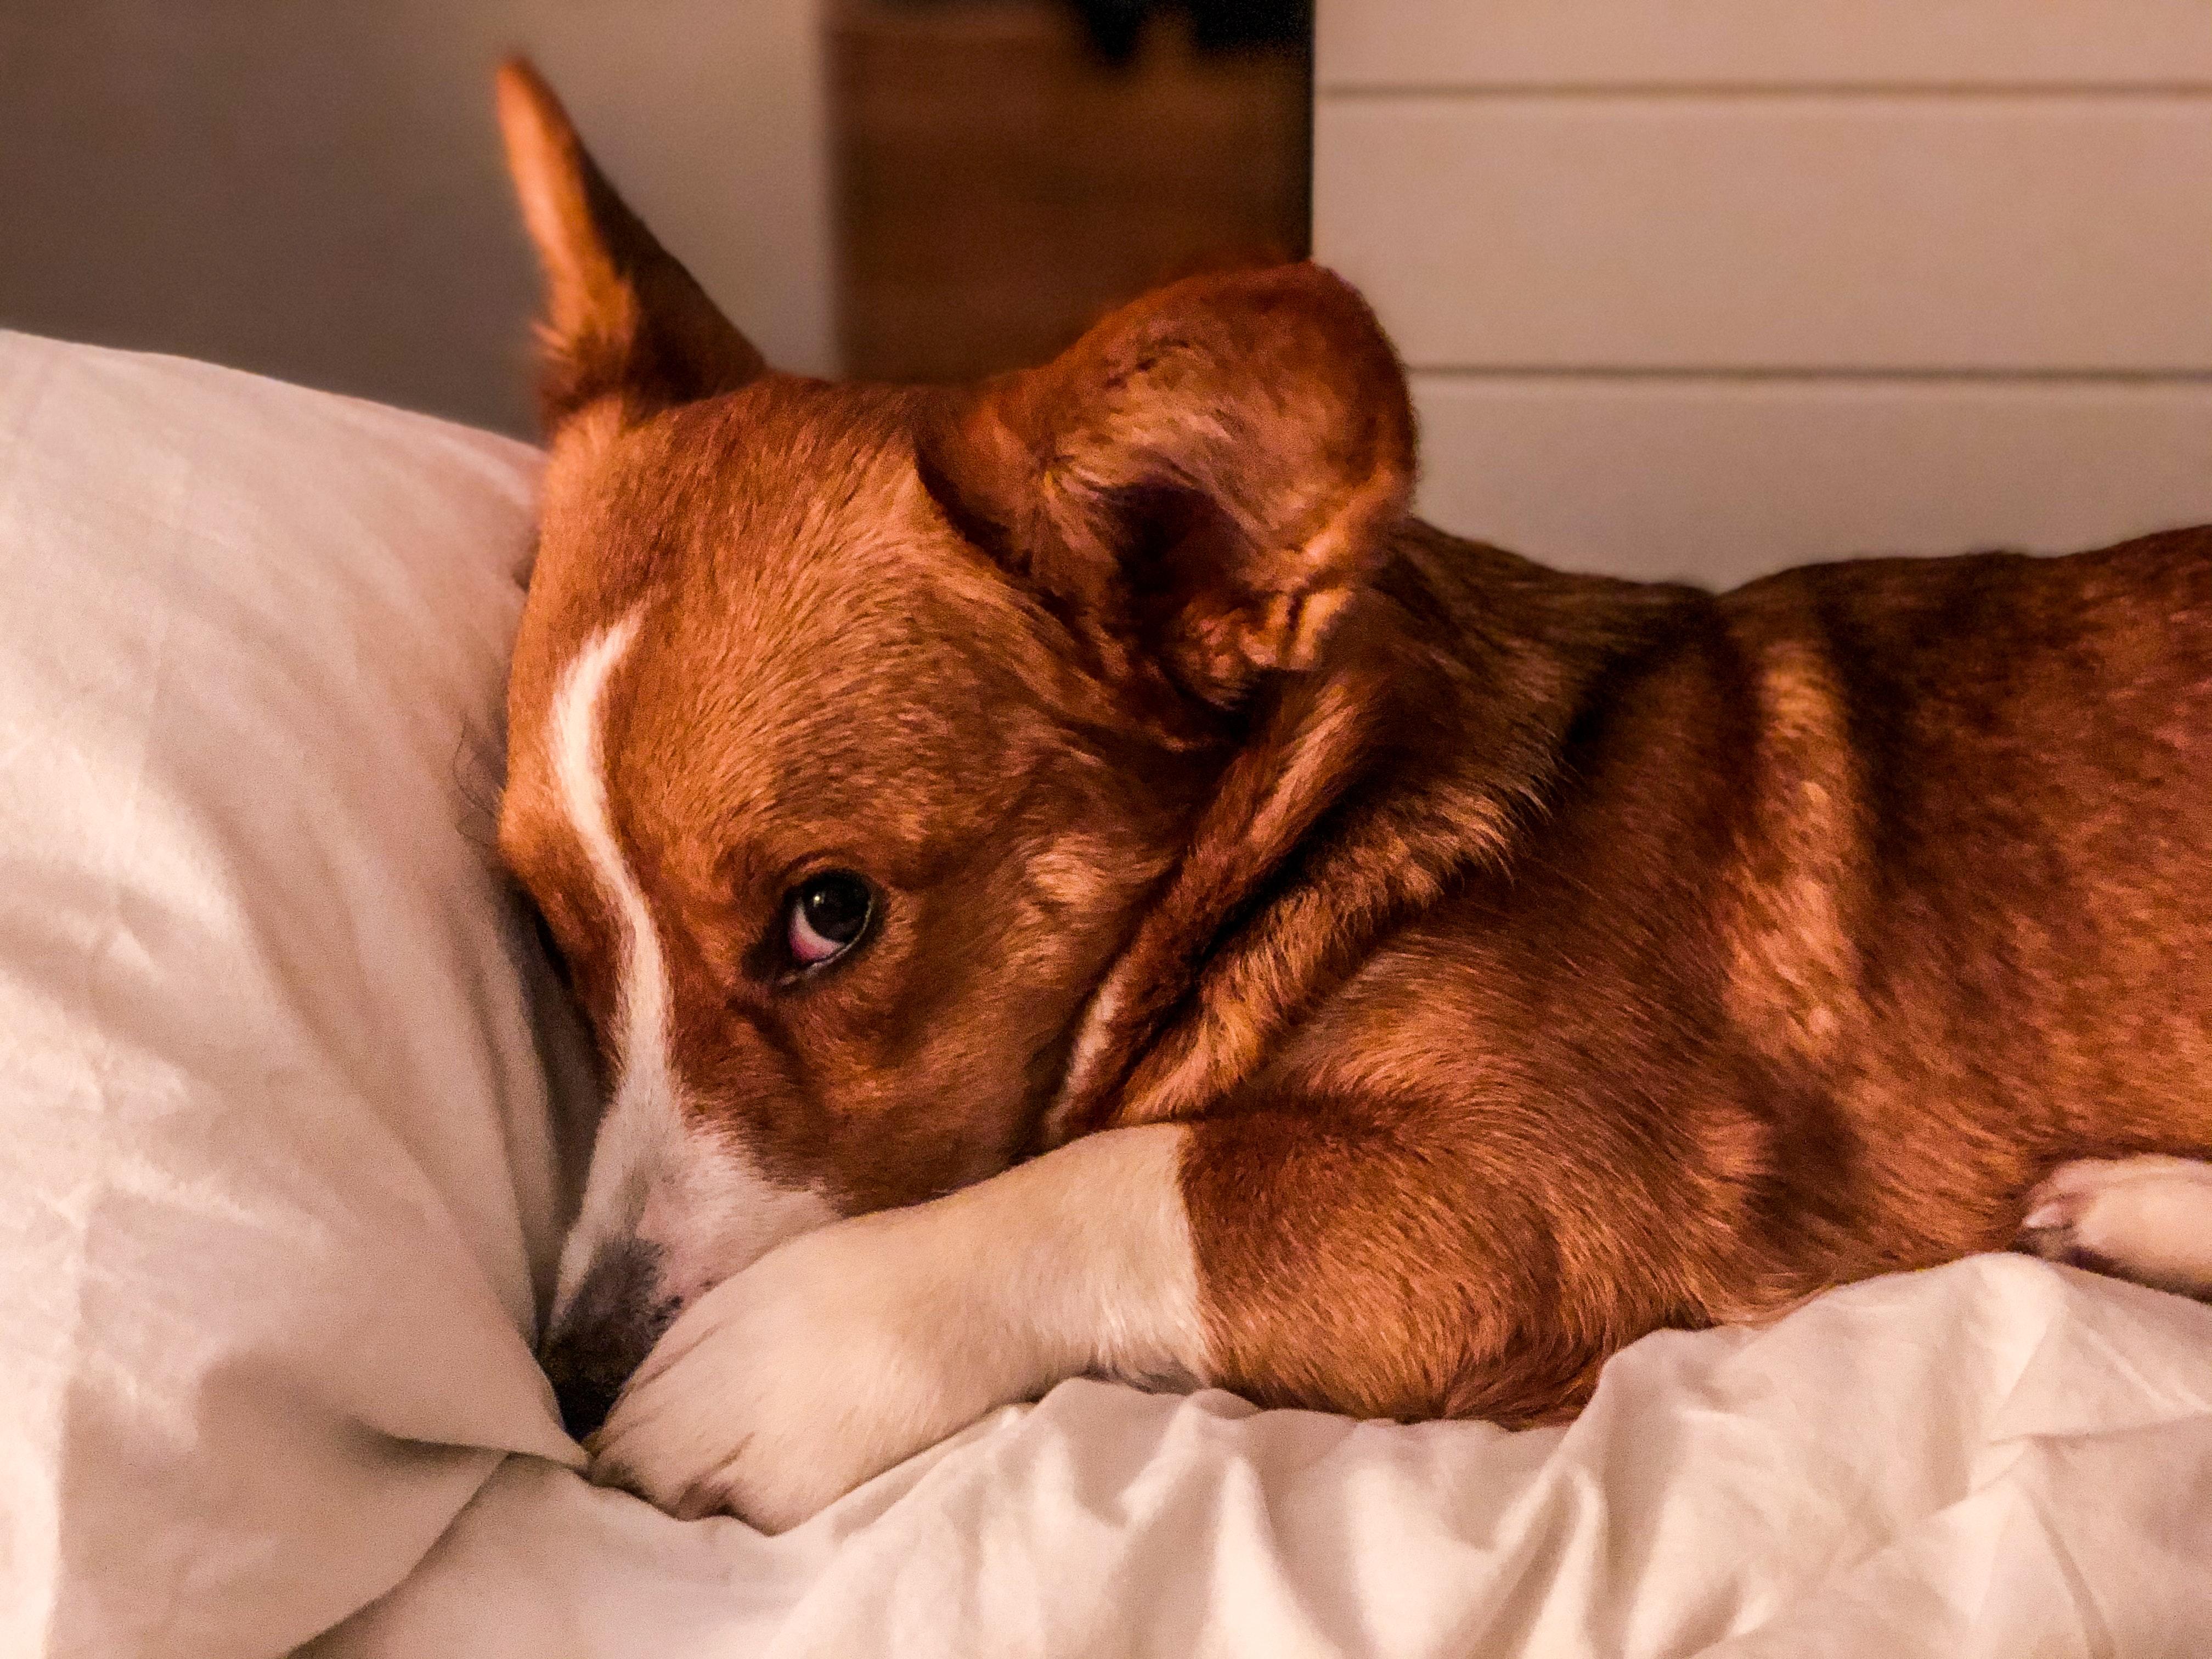 Váš domácí mazlíček vás koronavirem nenakazí, říkají odborníci